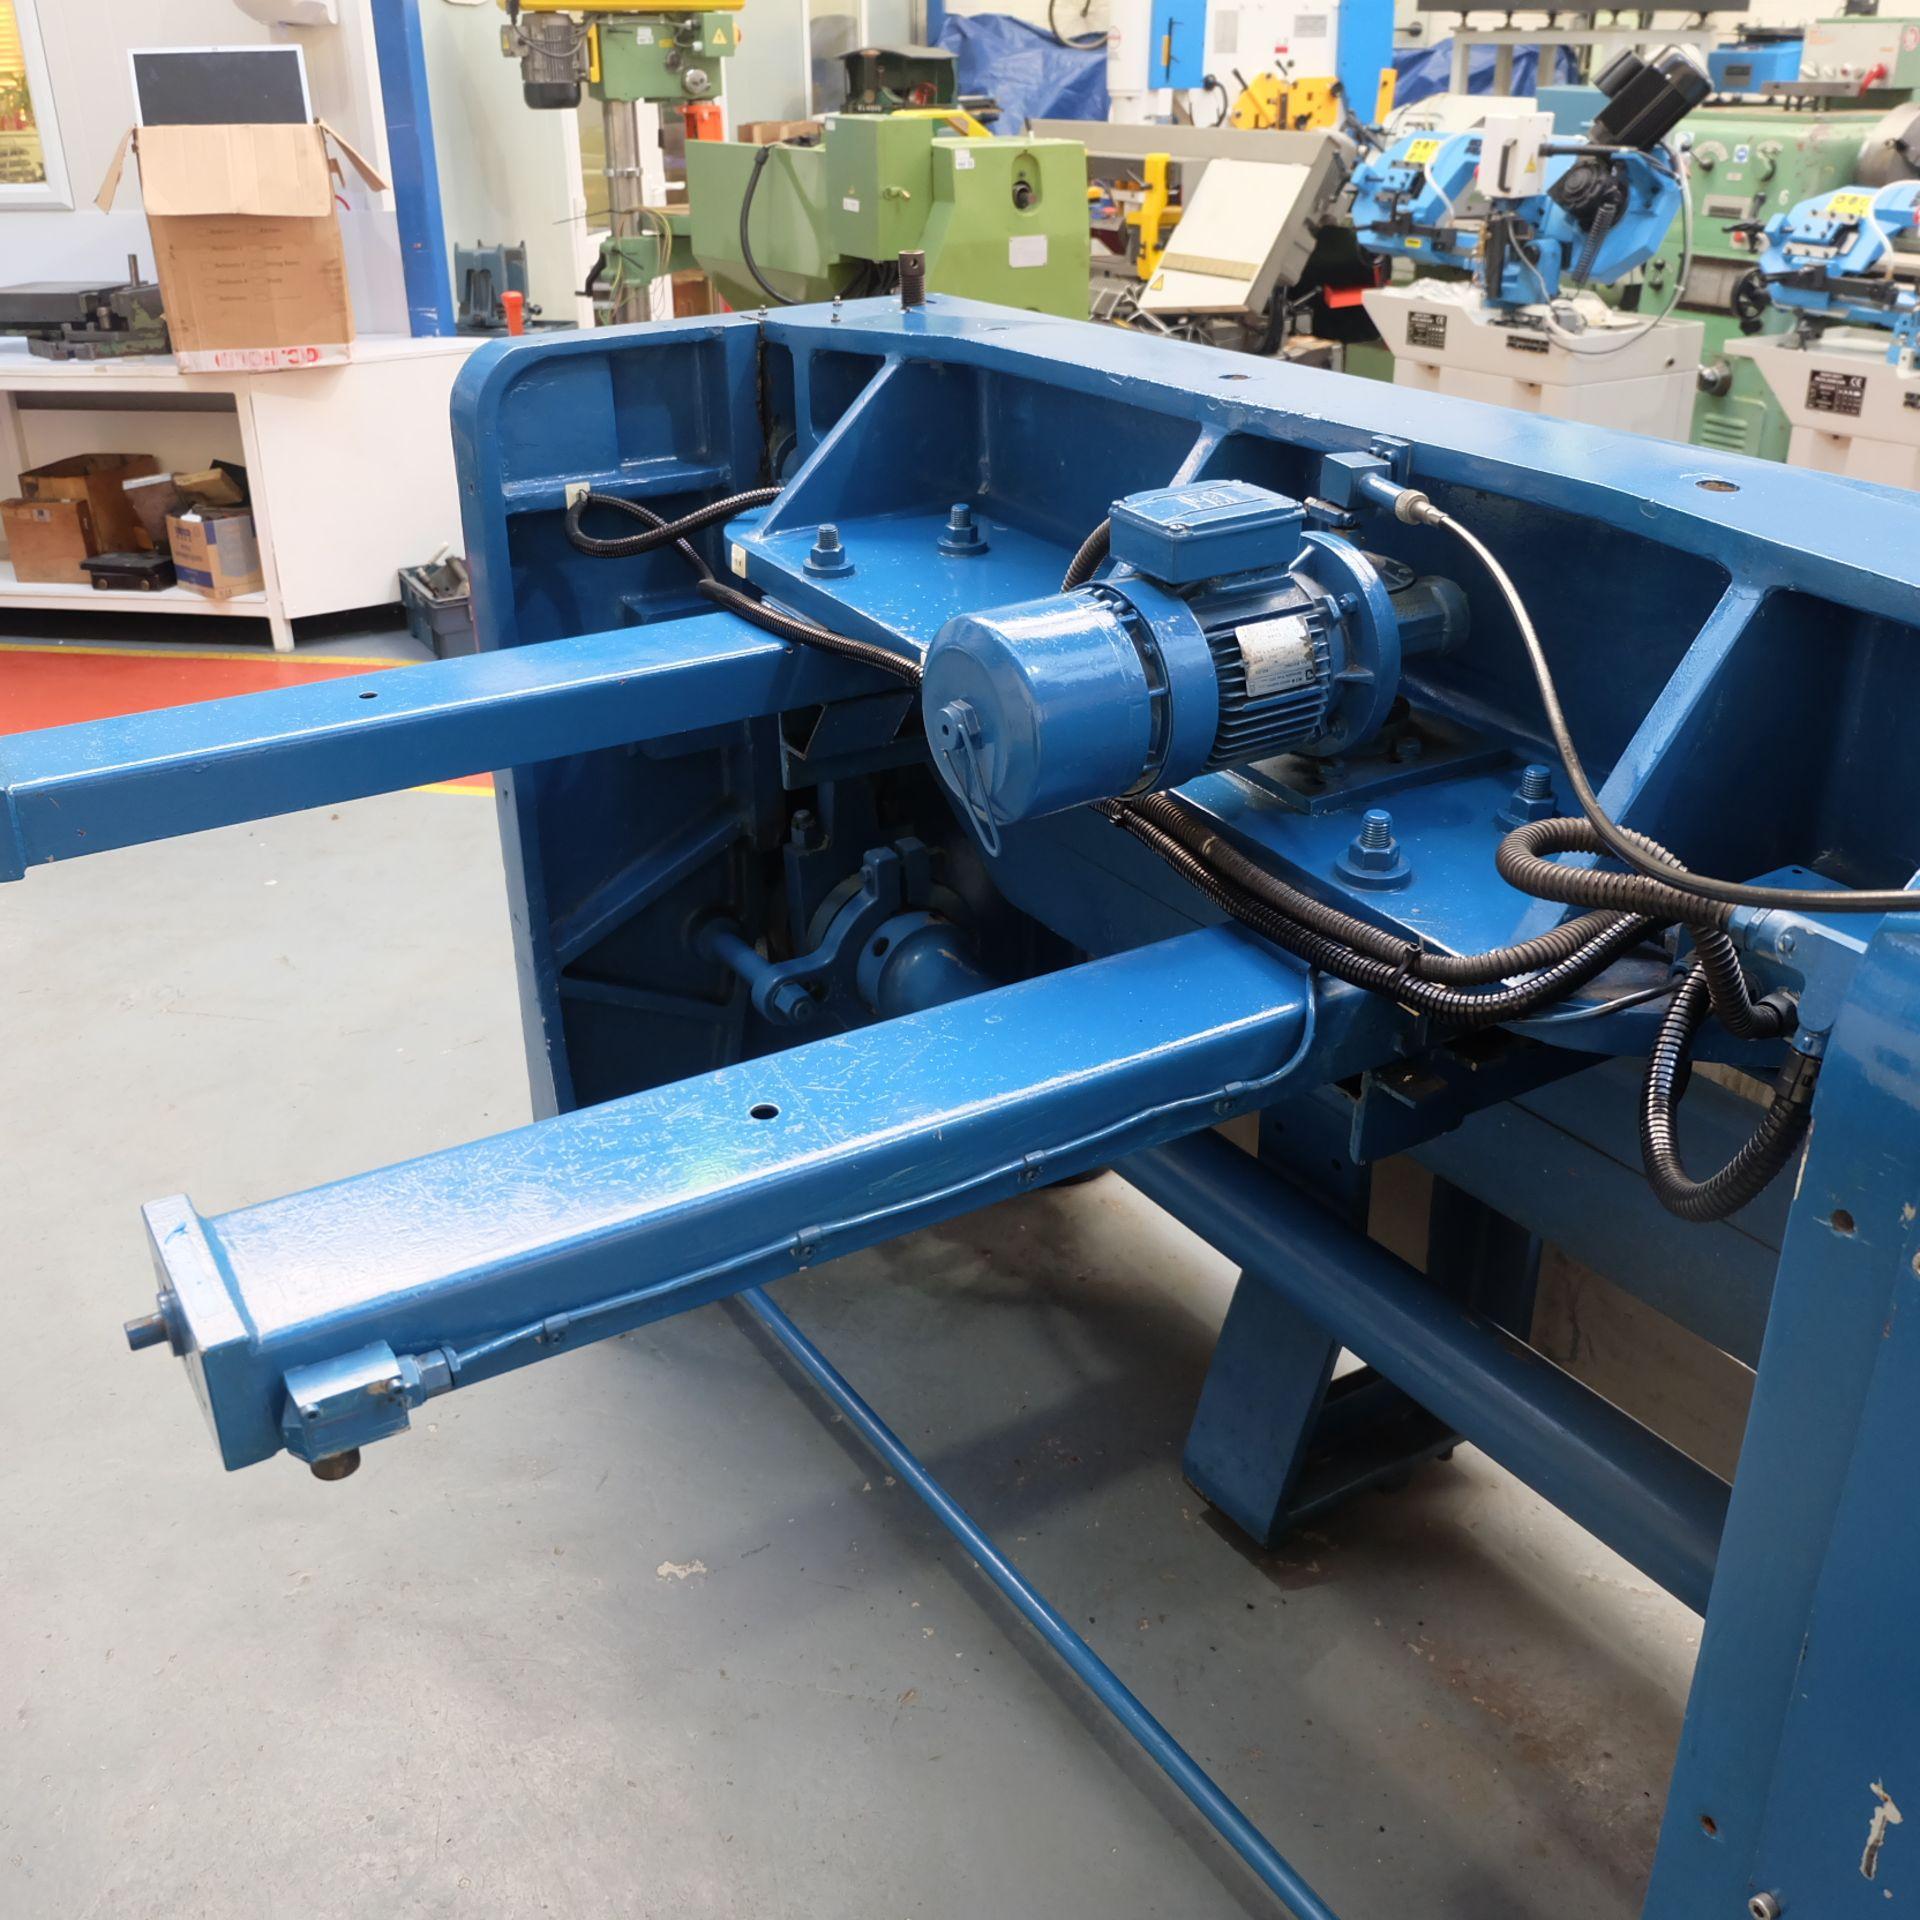 Morgan Rushworth Model SC1500/6: Electric Power Guillotine. - Image 4 of 6